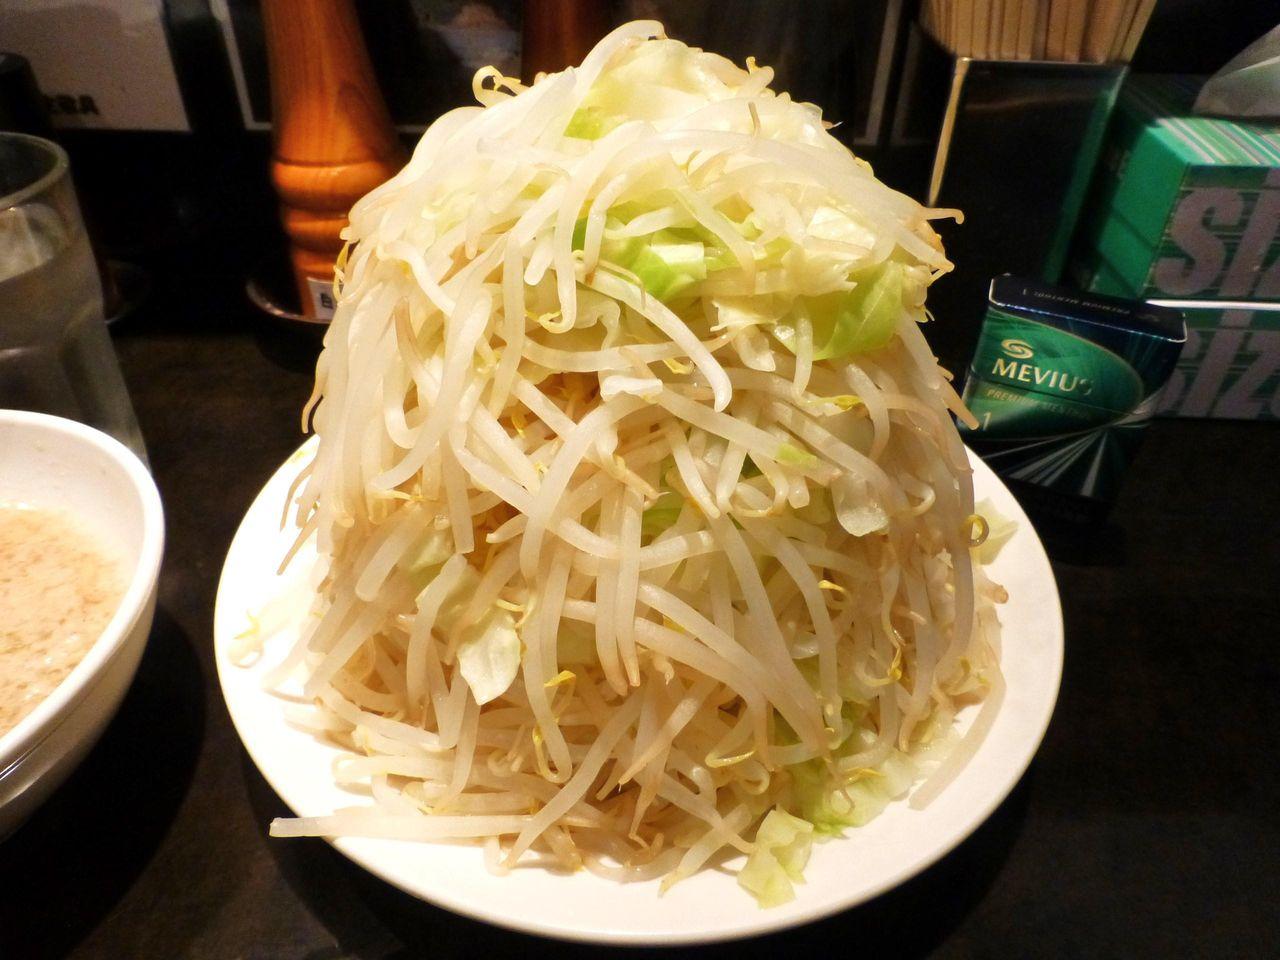 野菜タワーの下に埋まっている麺は全く見えません!